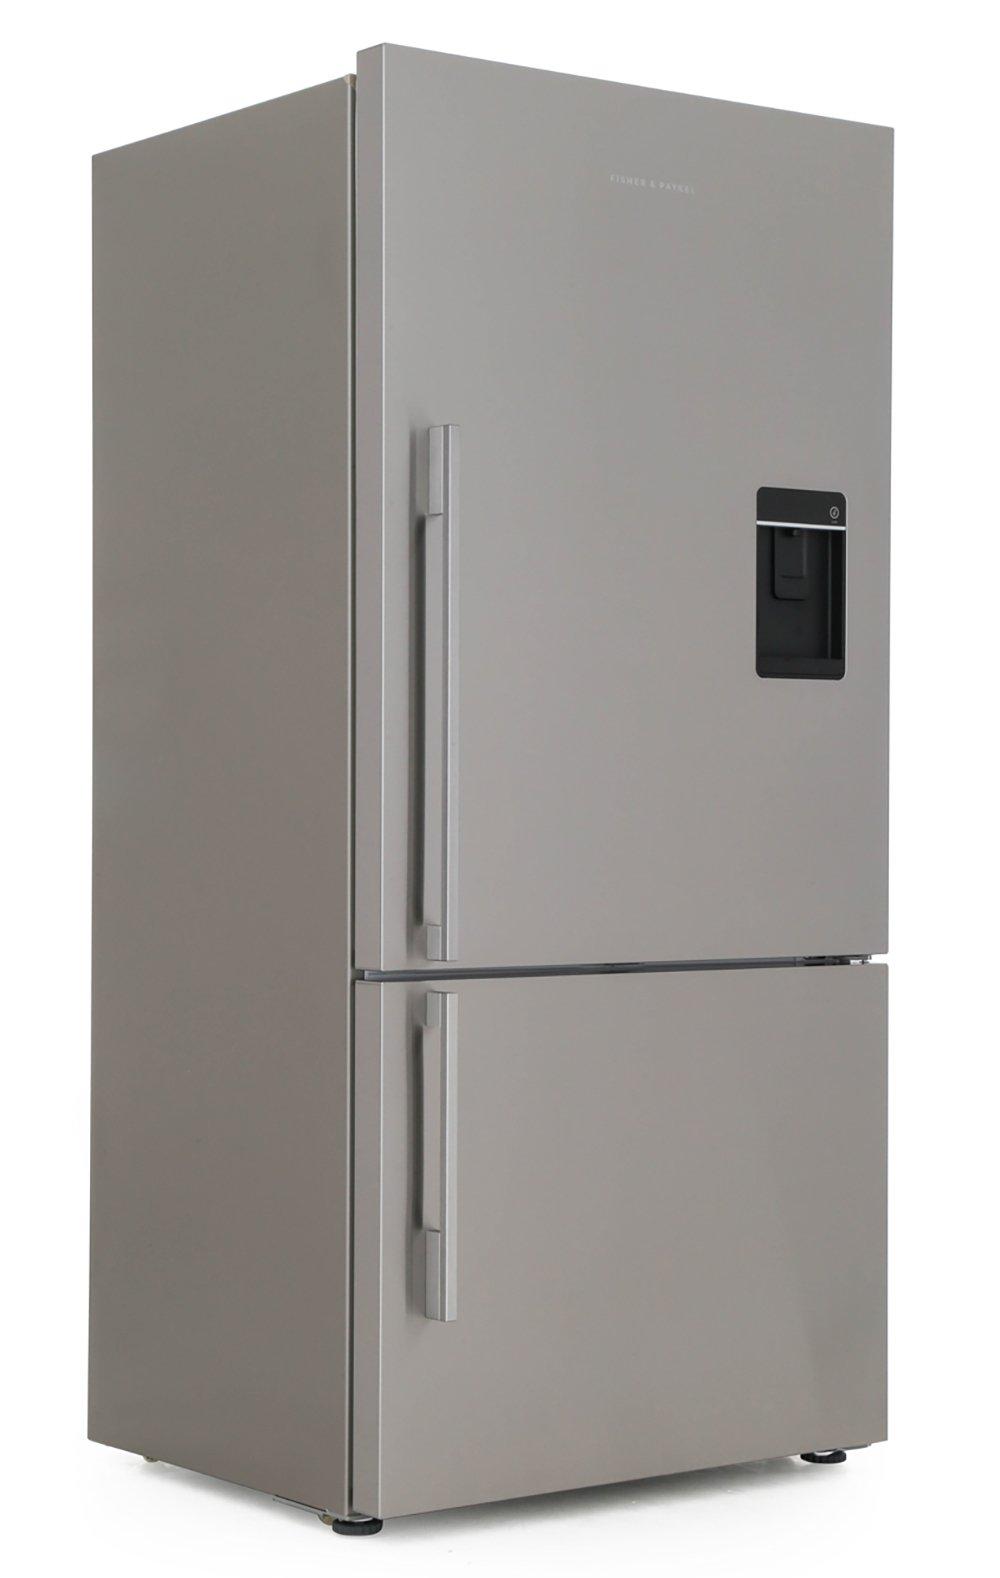 Fisher & Paykel Series 5 E522BRXFDU4 Frost Free Fridge Freezer